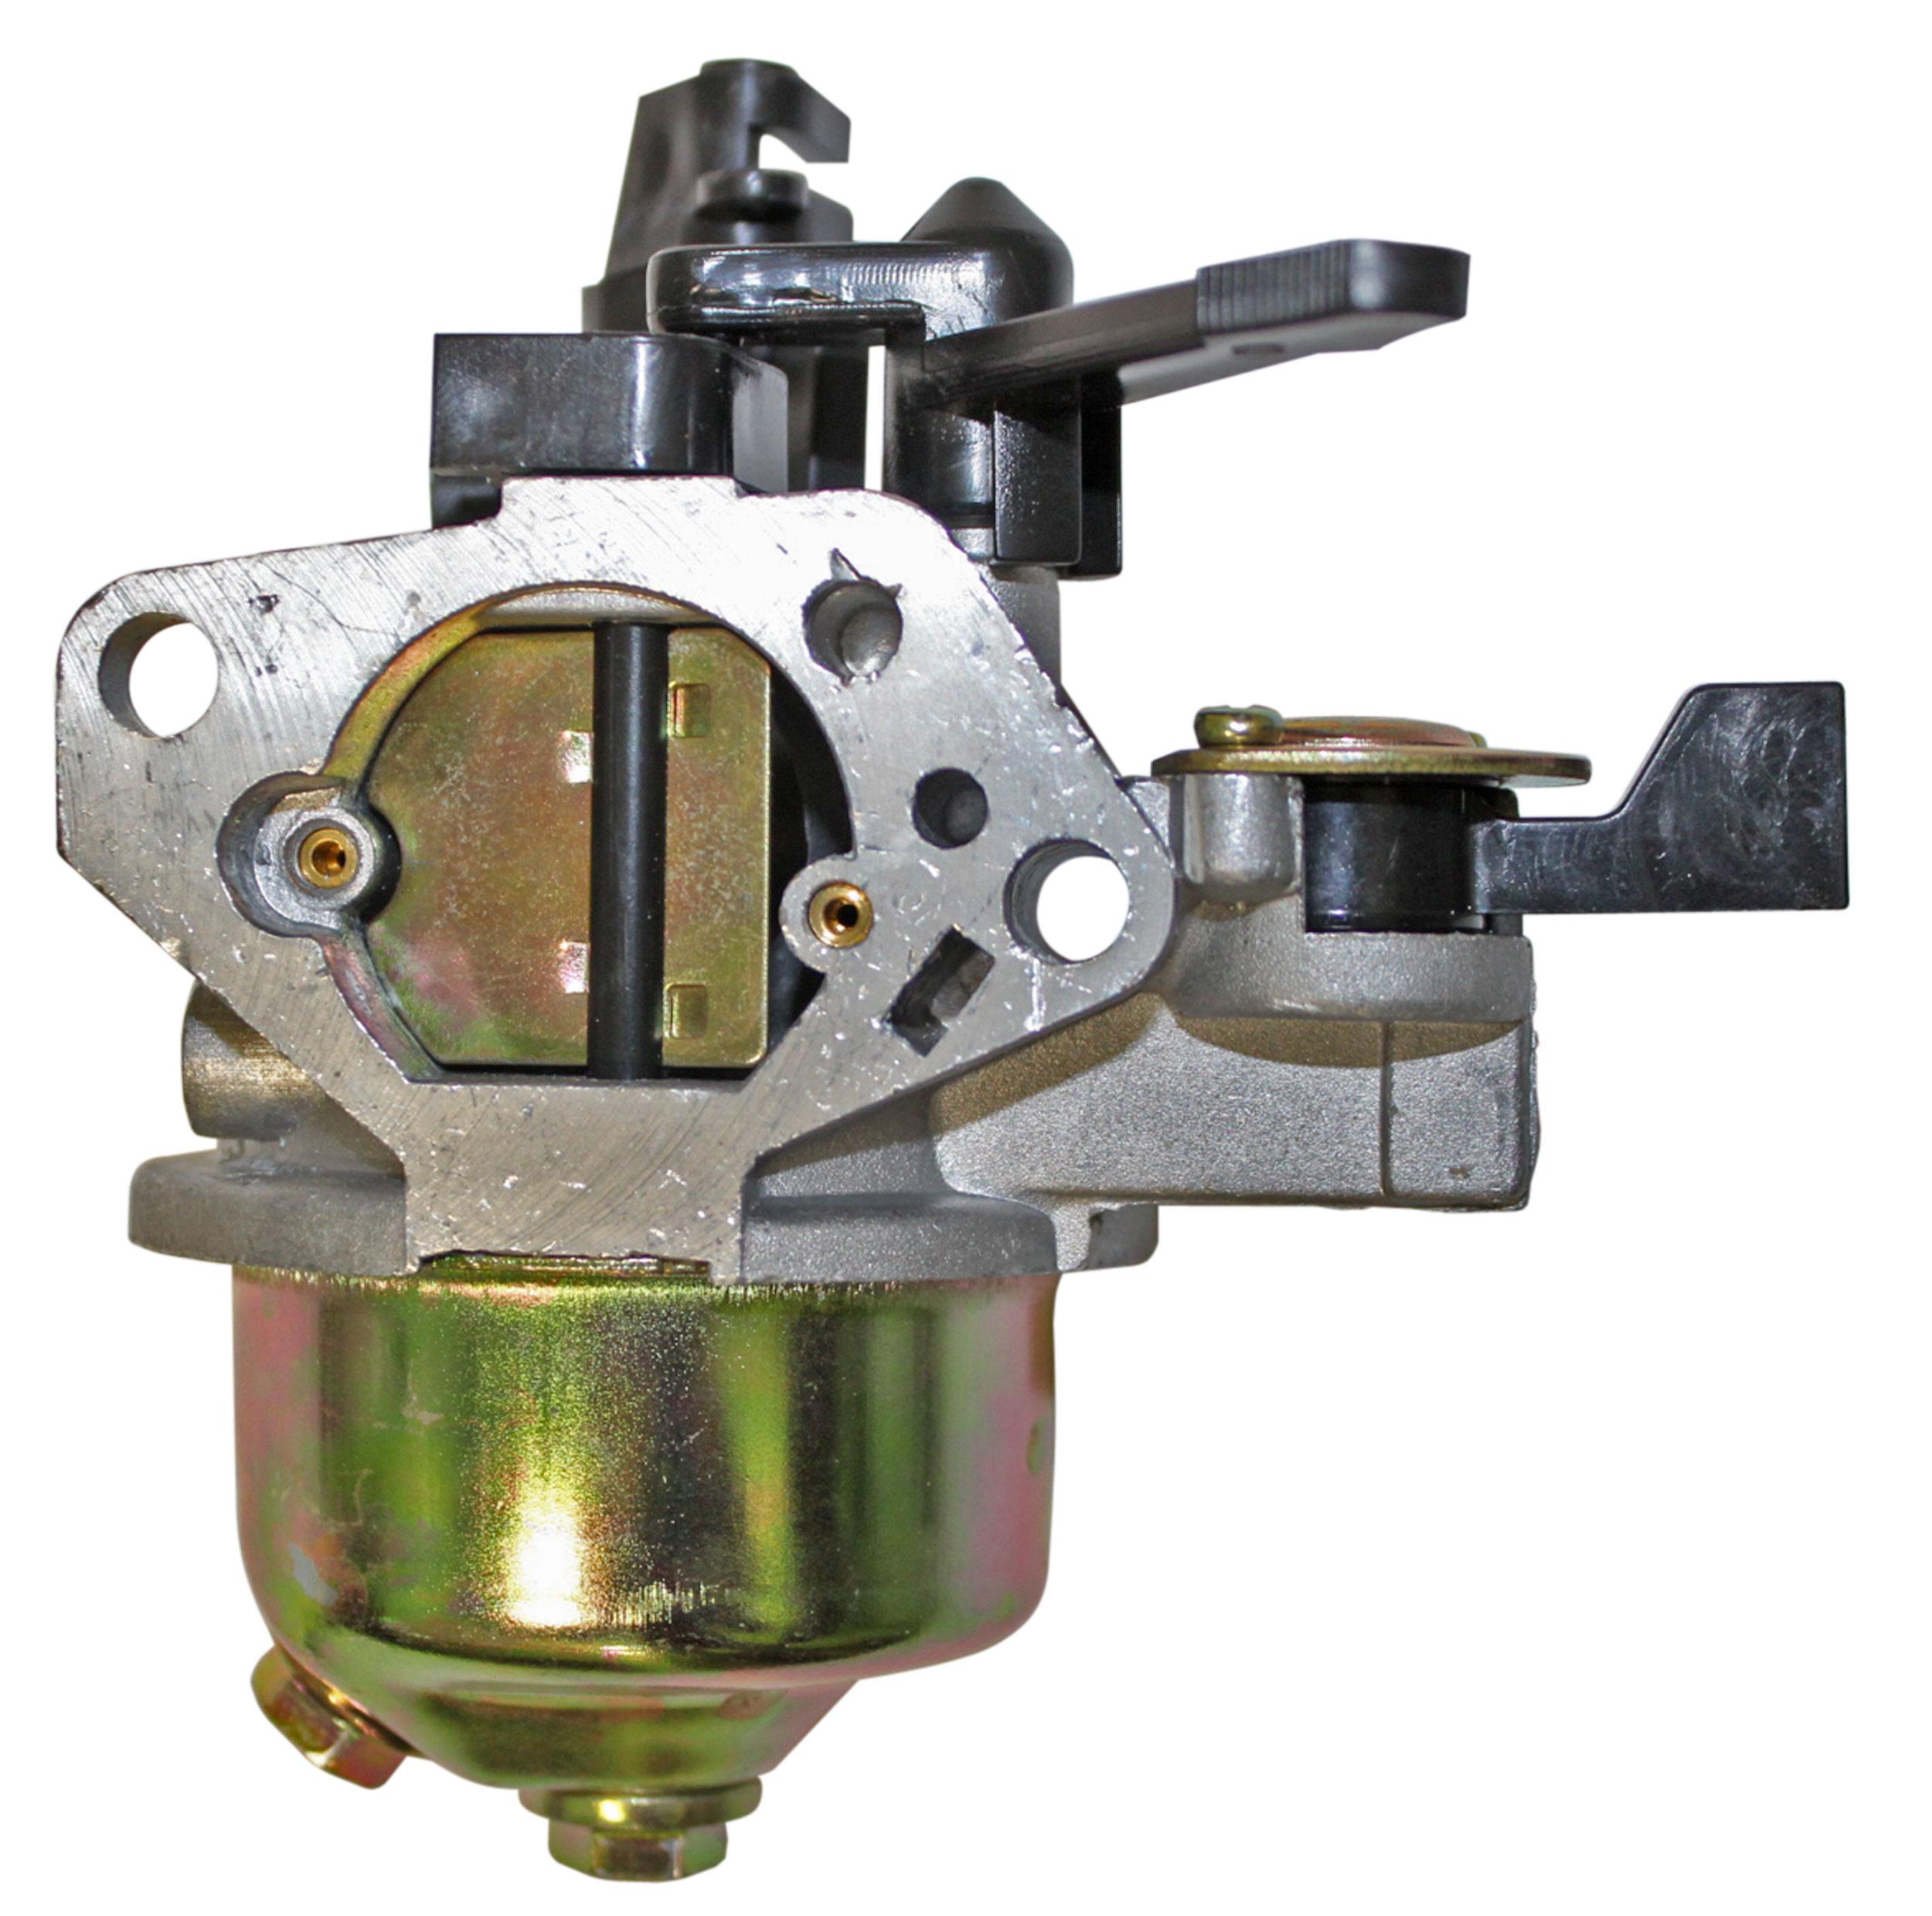 Carburetor for 13HP Predator 420cc Engine